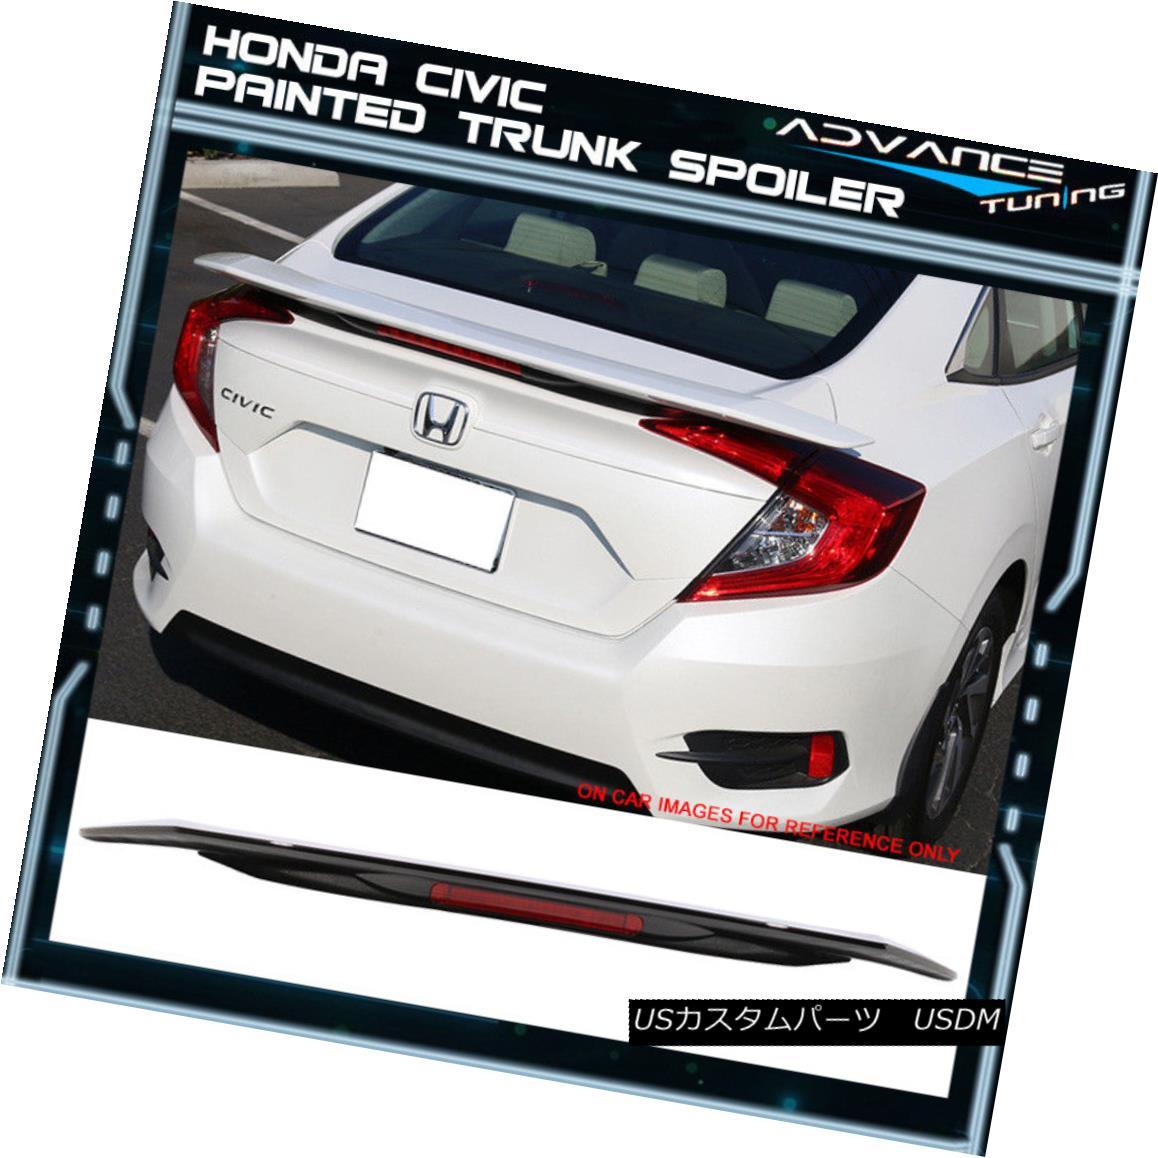 エアロパーツ 16-18 Honda Civic LED Brake Trunk Spoiler Painted #R560P Burgundy Night Pearl 16-18ホンダシビックLEDブレーキトランク・スポイラー#R560Pブルゴーニュ・ナイト・パール